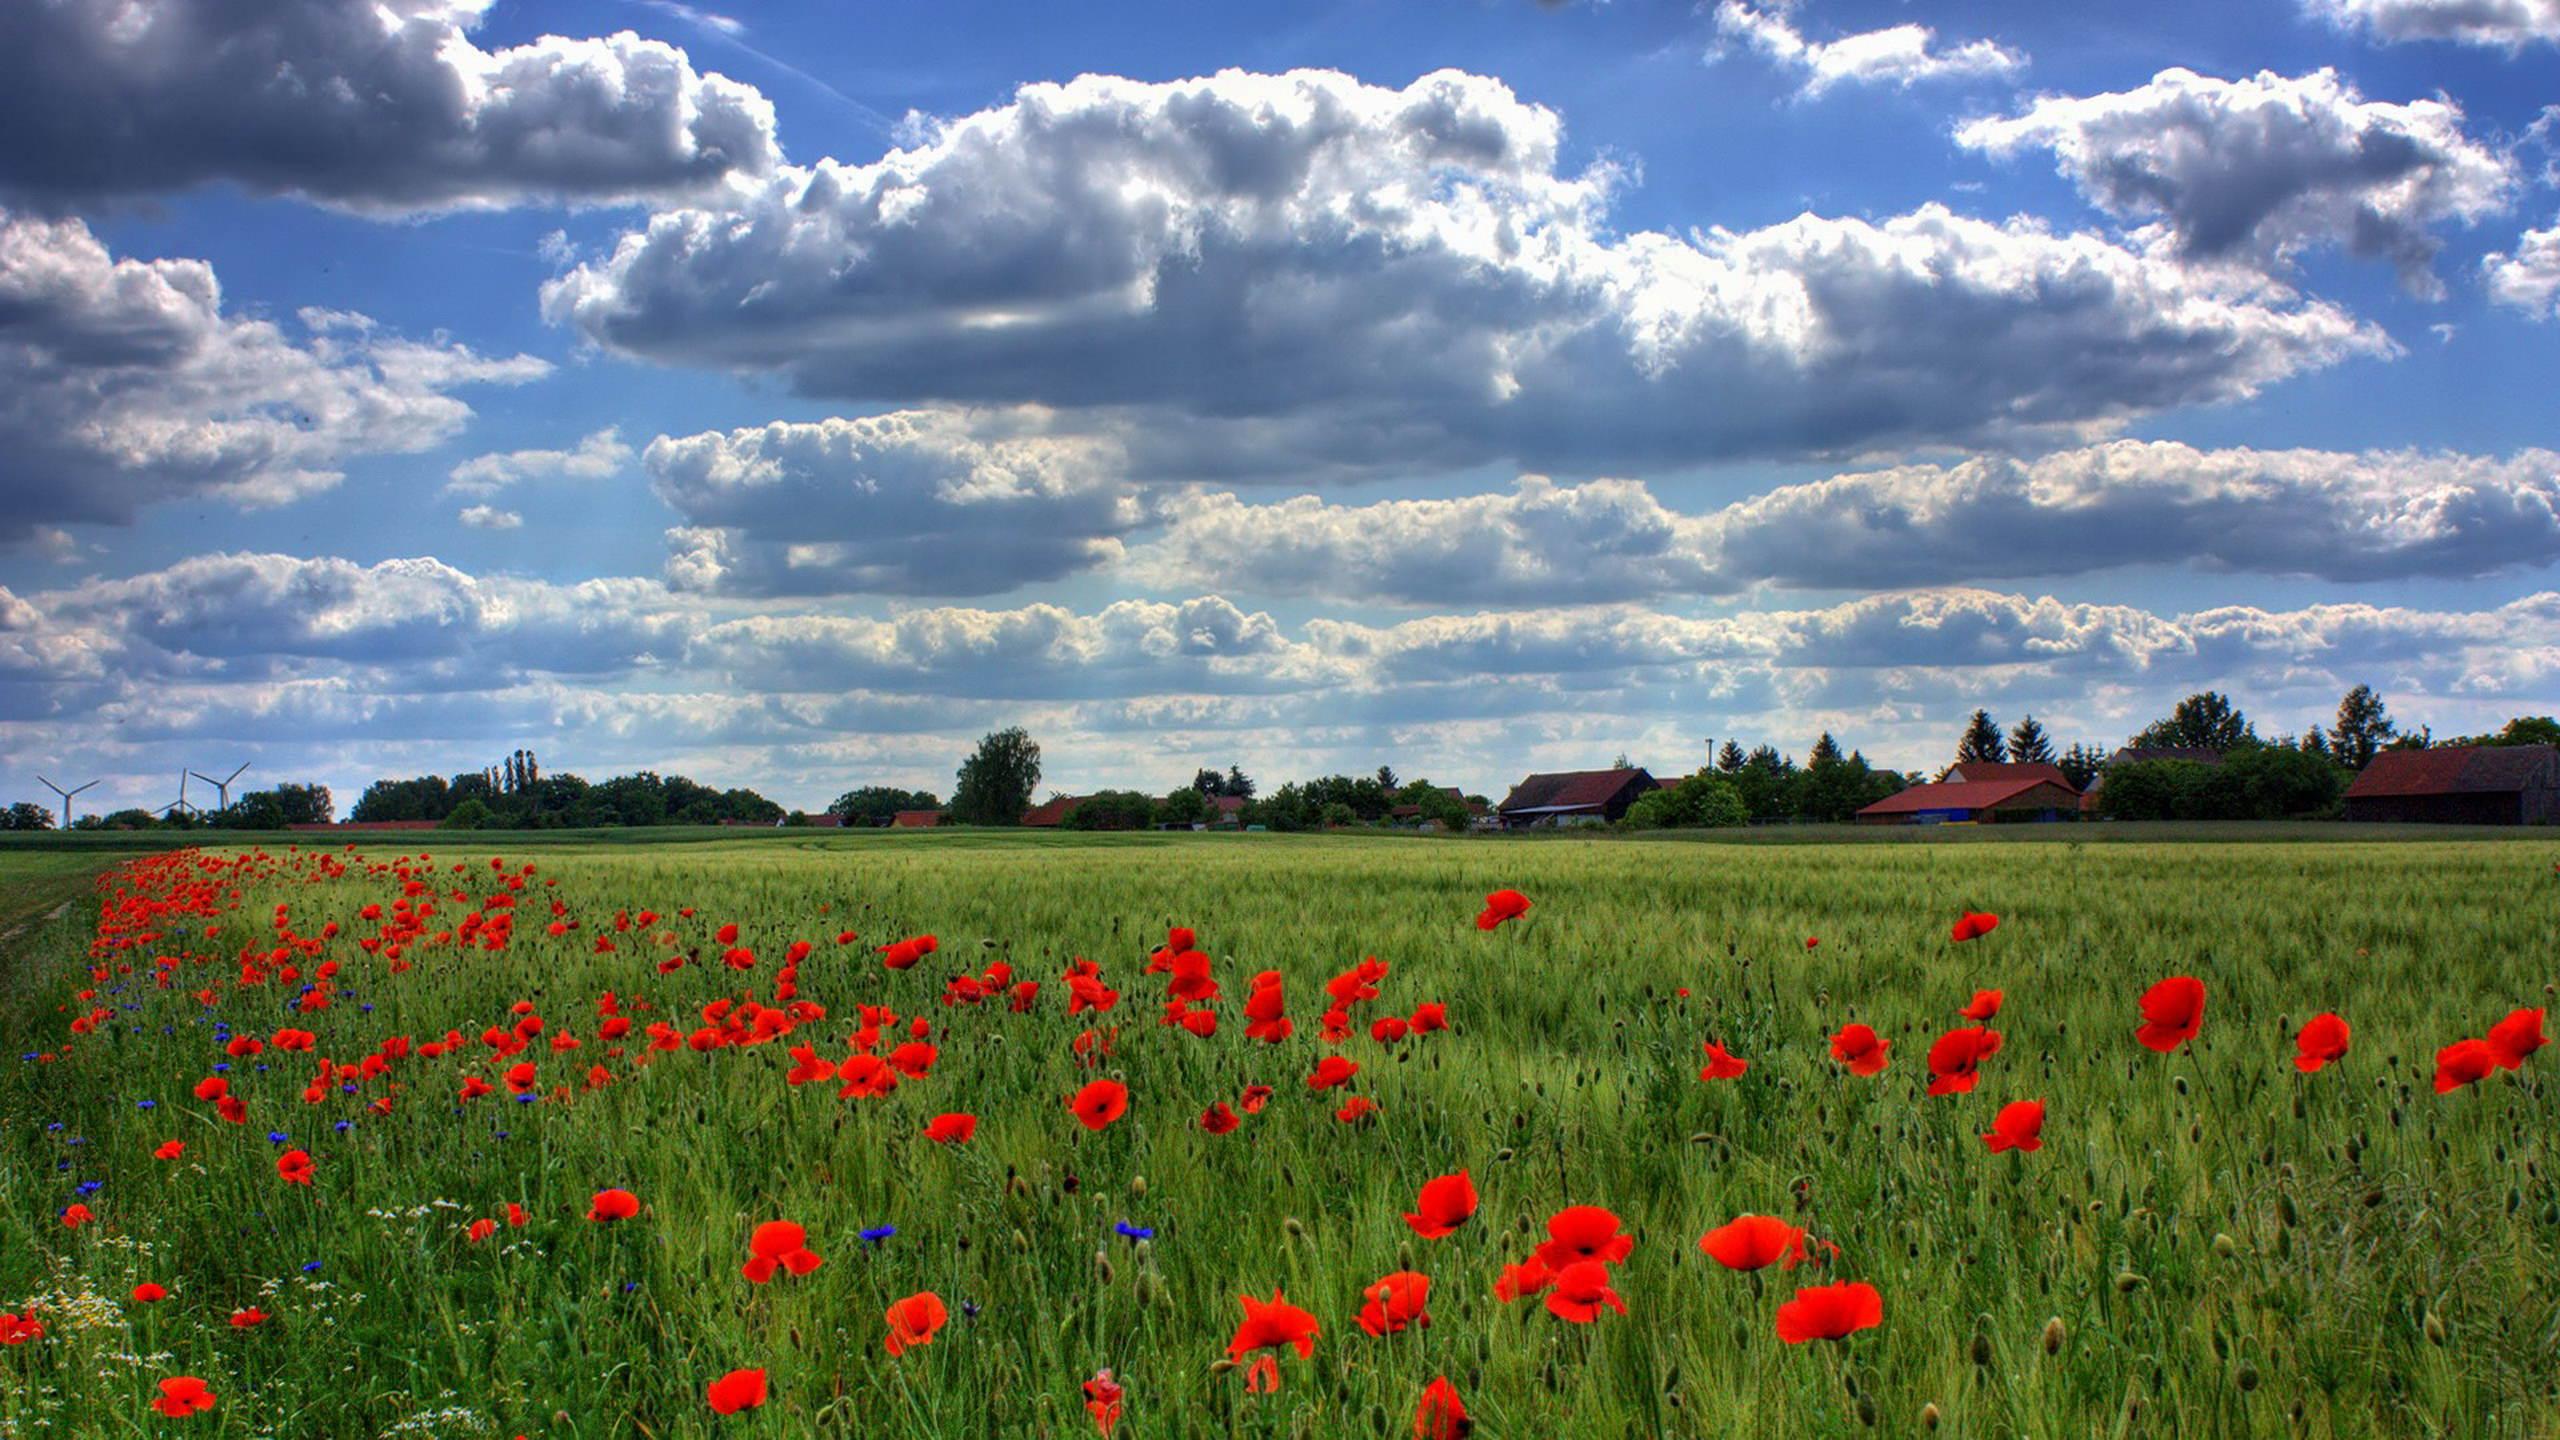 Field Of Poppies Wallpaper 2560x1440 2560x1440